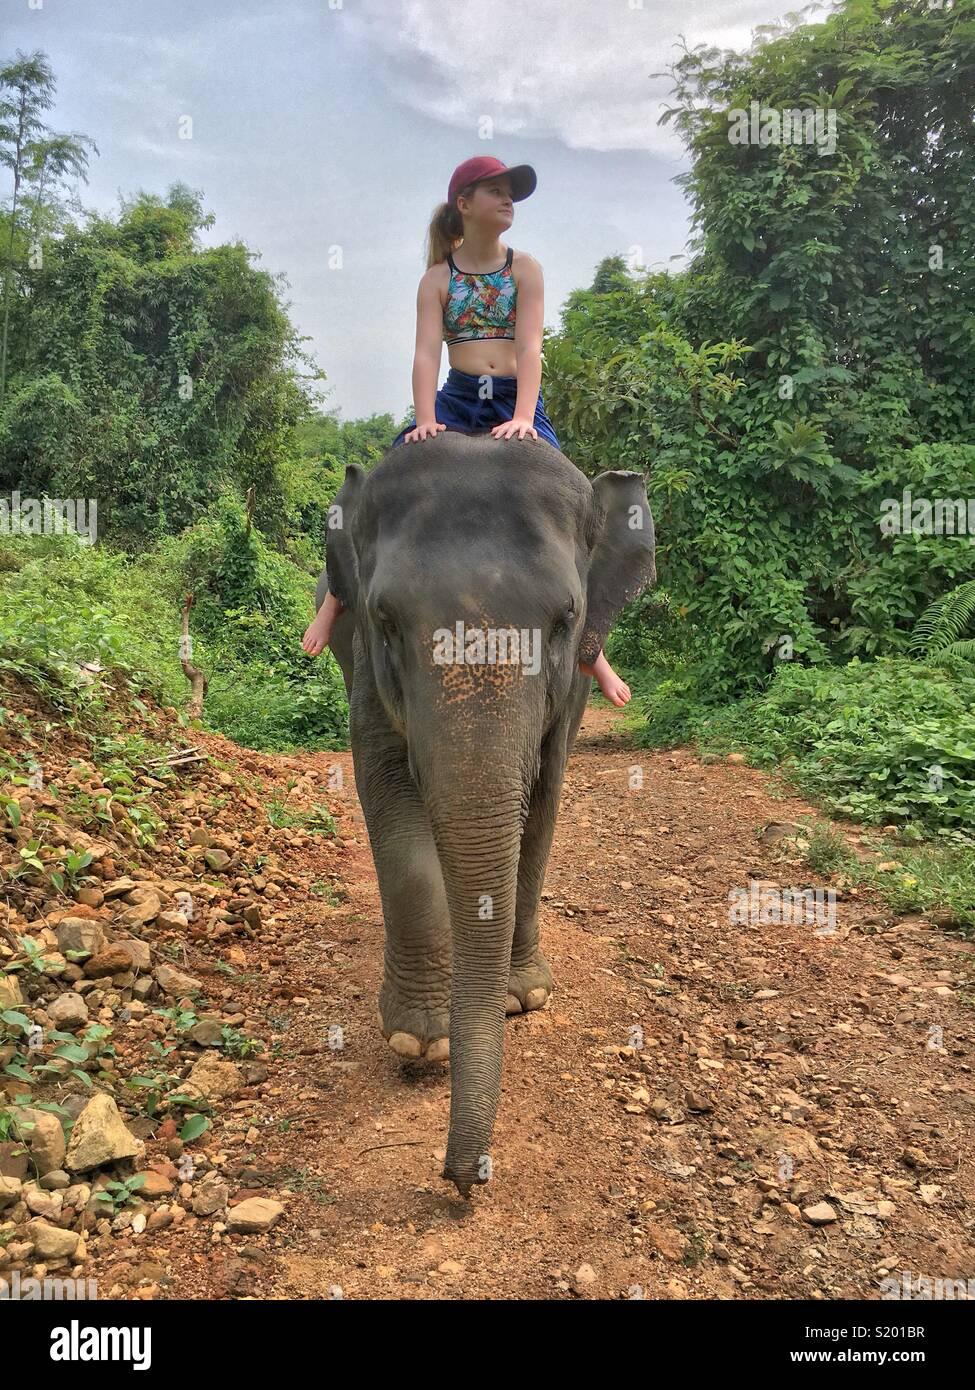 Joven montando un elefante - frontal Imagen De Stock